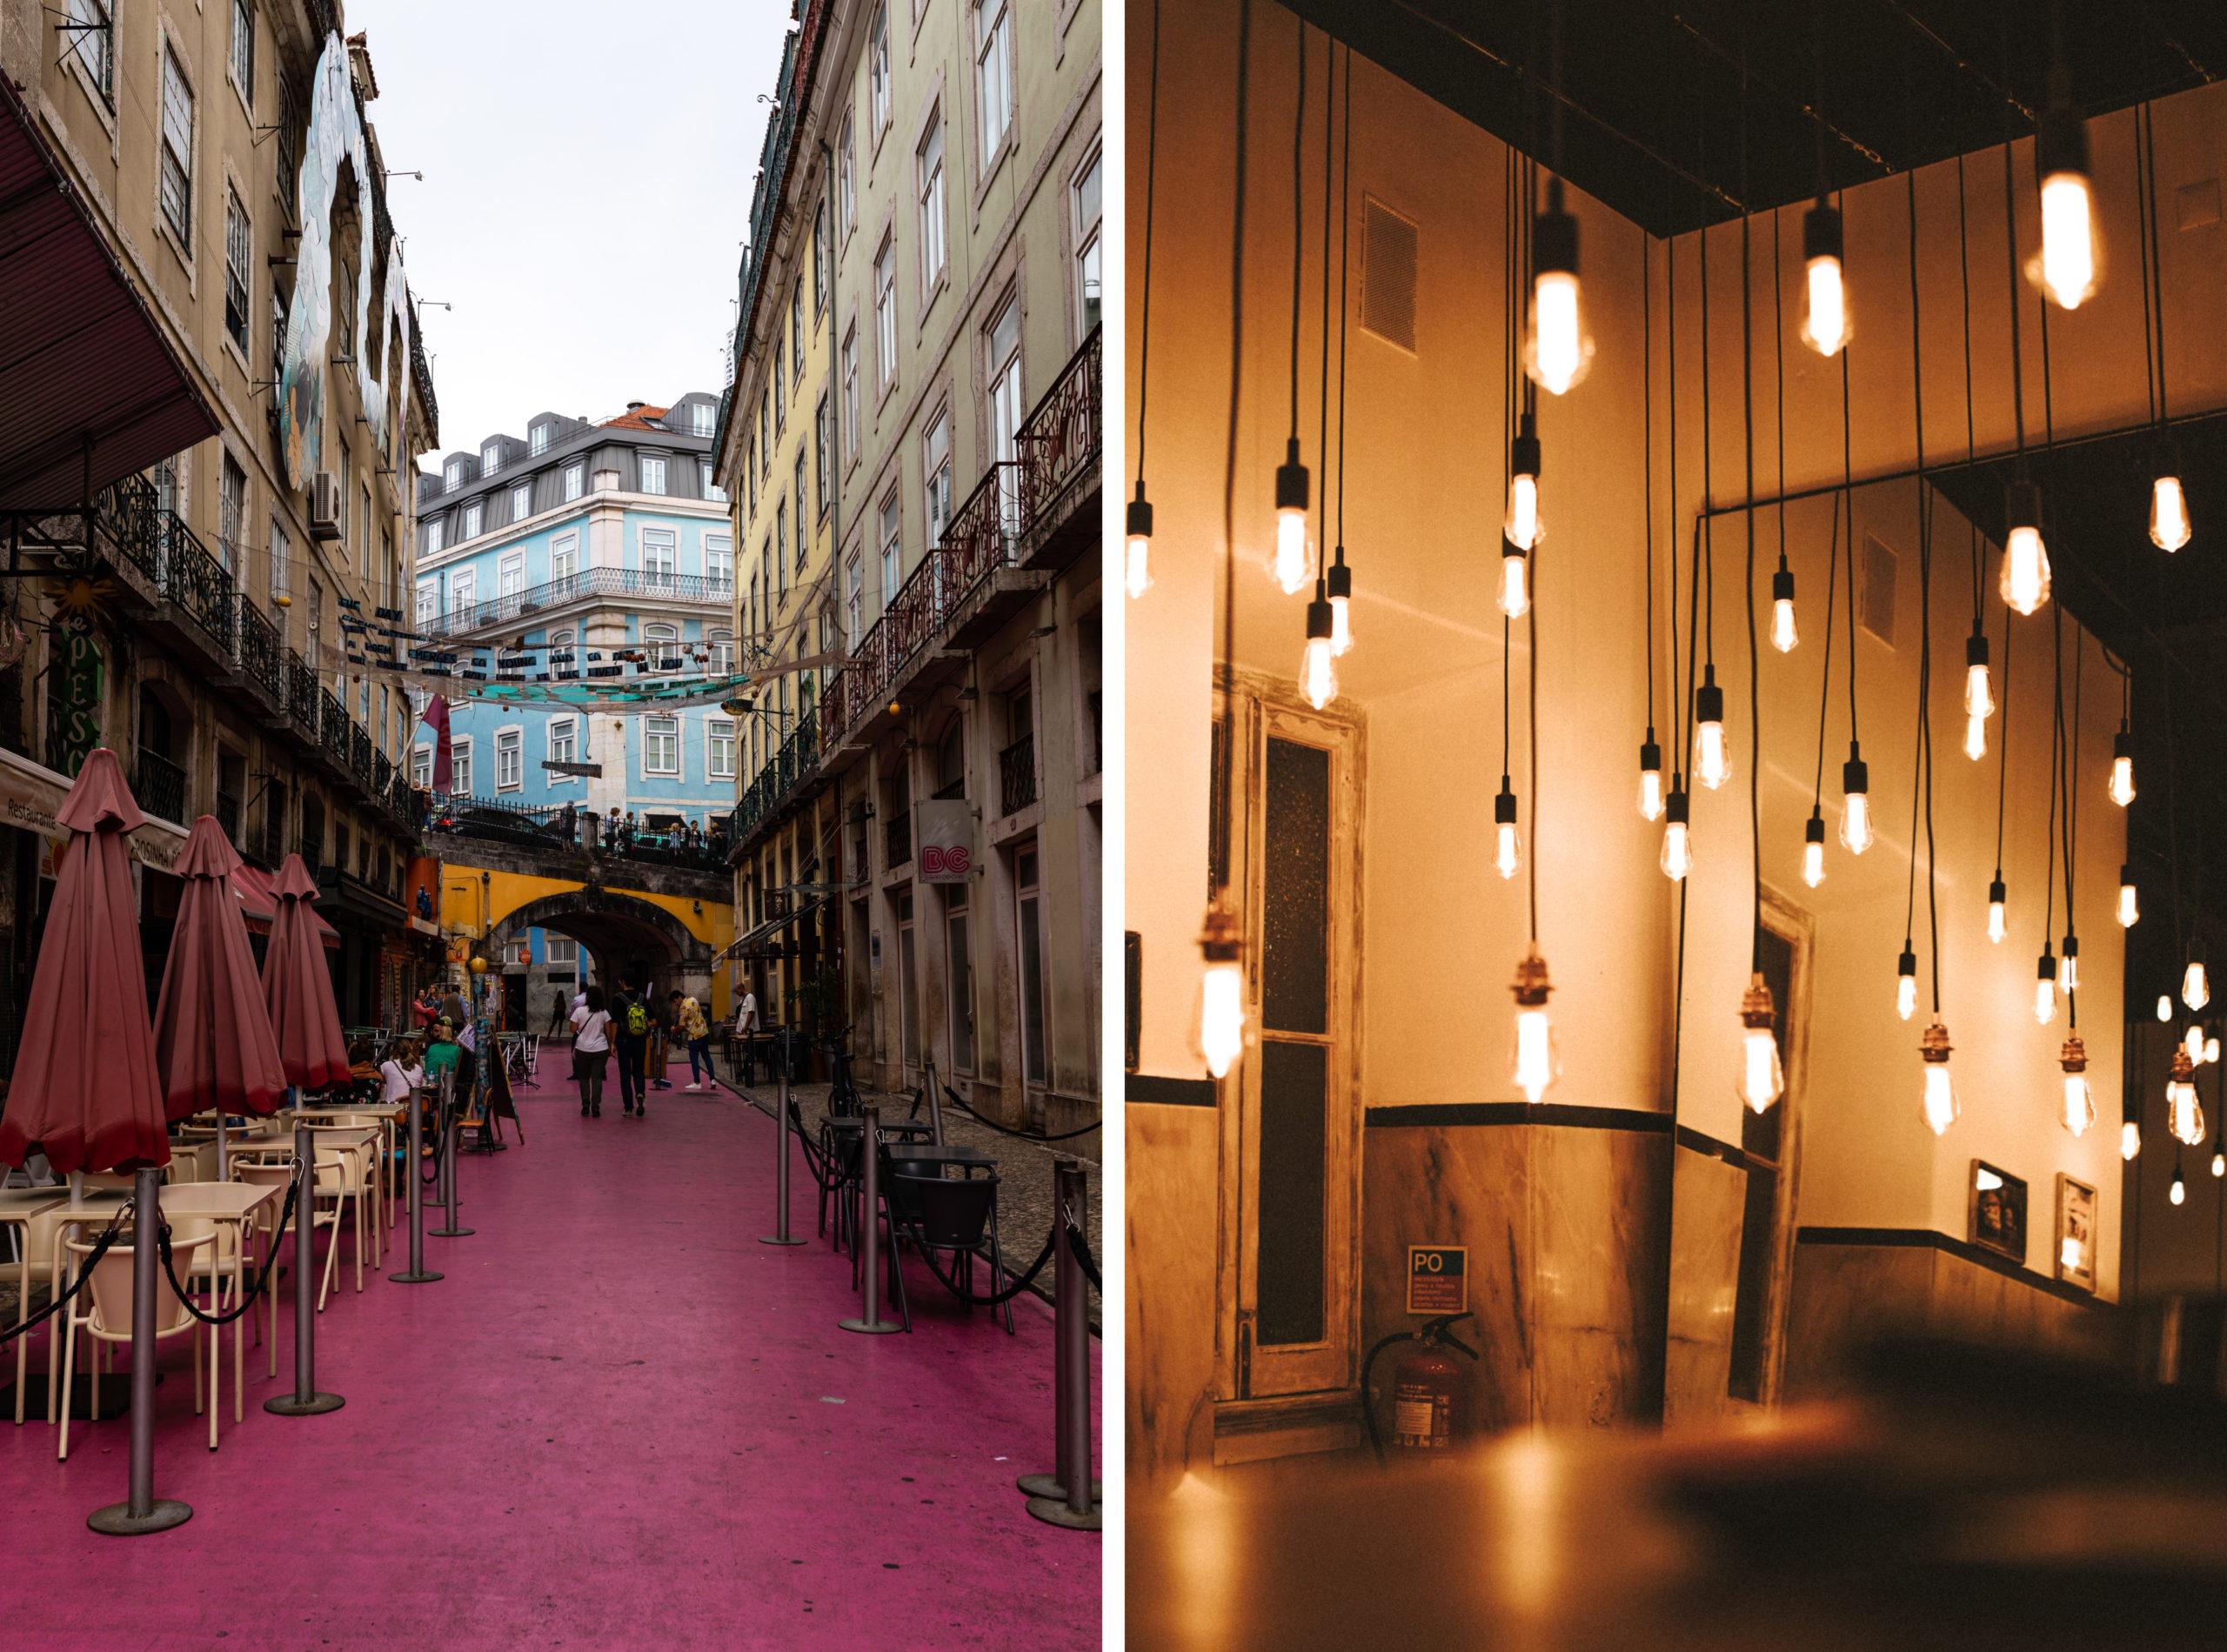 Nachtleben in Lissabon - Bars, Clubs und Restaurants in Bairro Alto